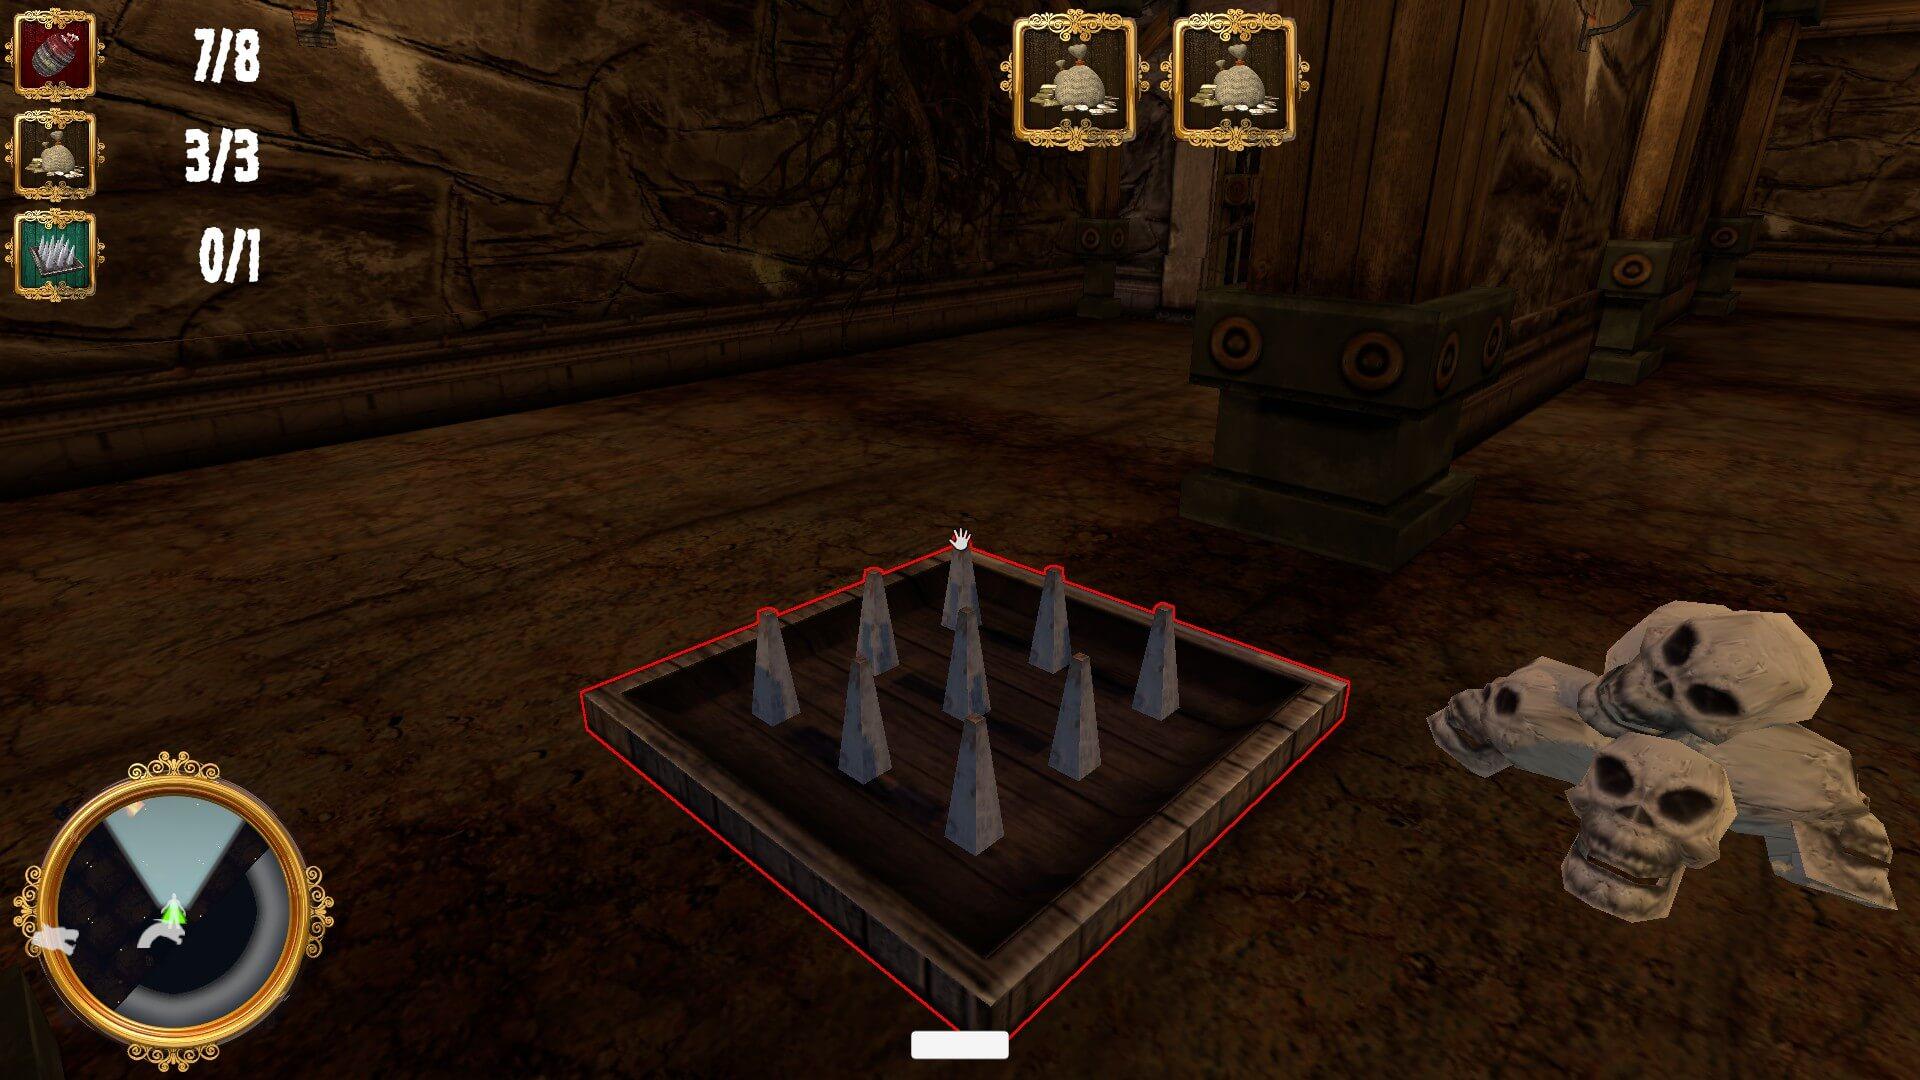 The Caretaker – Dungeon Nightshift: Vorsichtig die Falle scharf machen (Bildrechte: Bluebox Interactive)